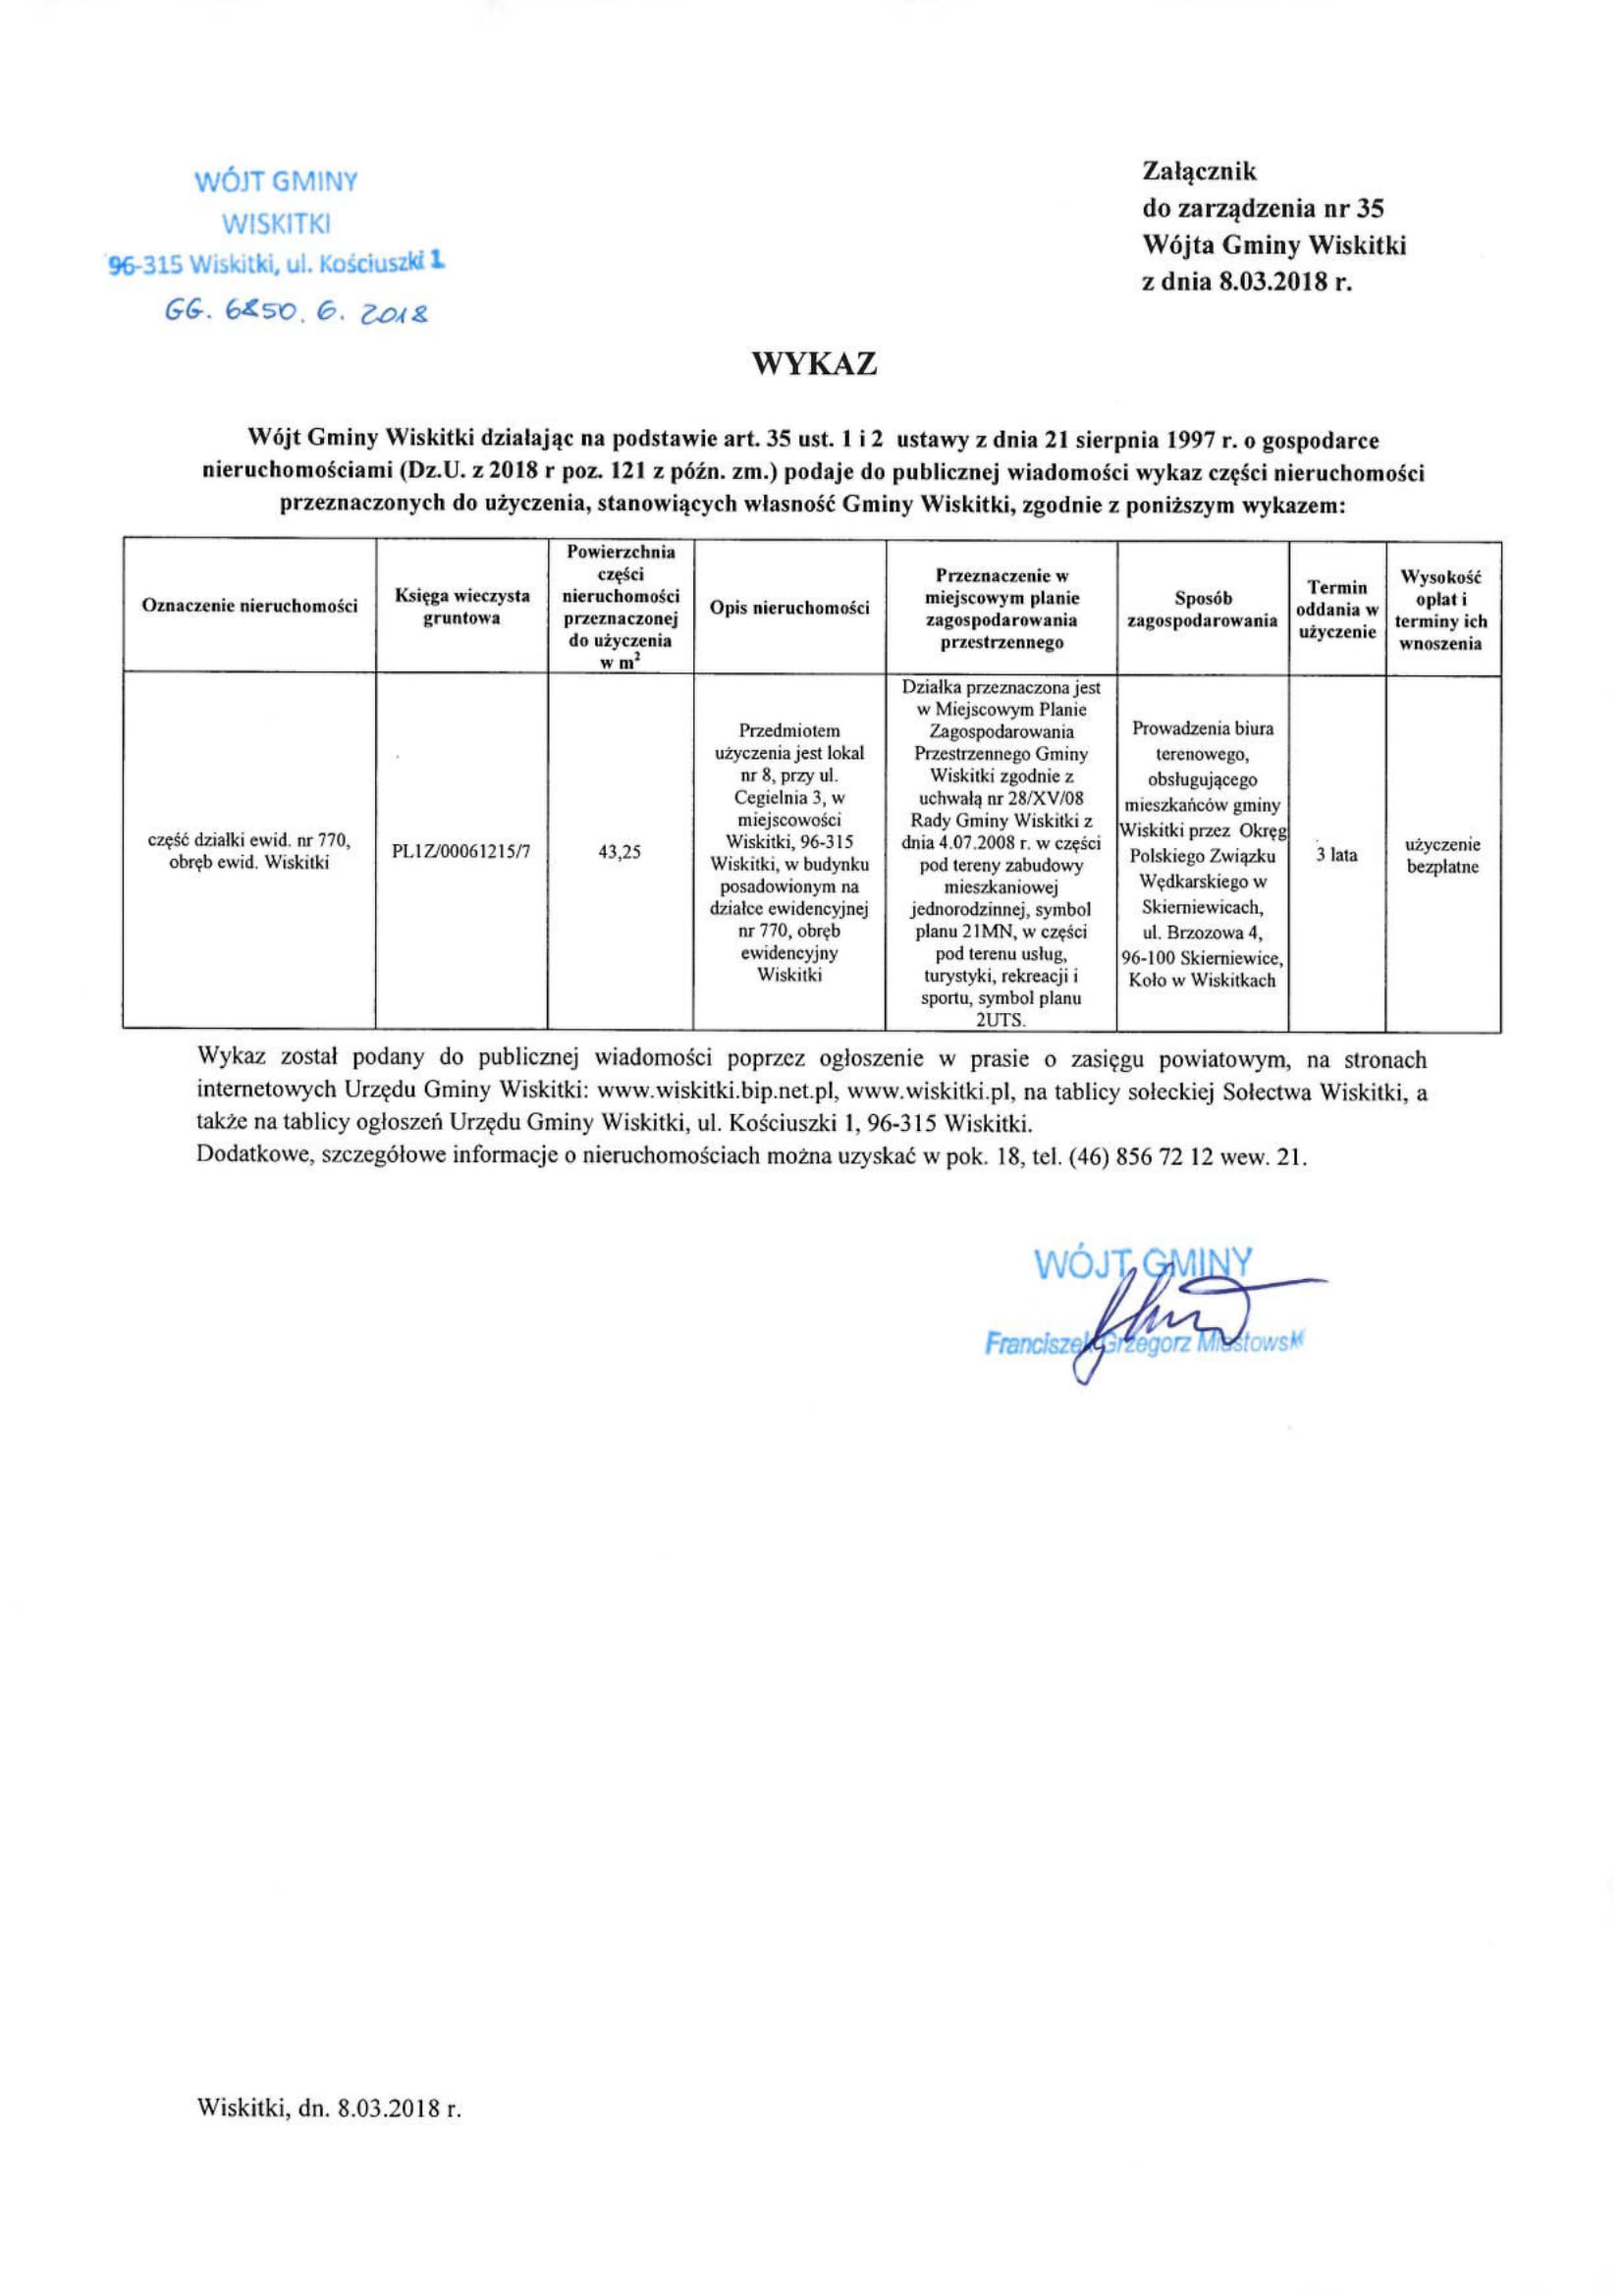 Wykaz nieruchomości do użyczenia lokal nr 8, ul. Cegielnia 3, 96-315 Wiskitki-1